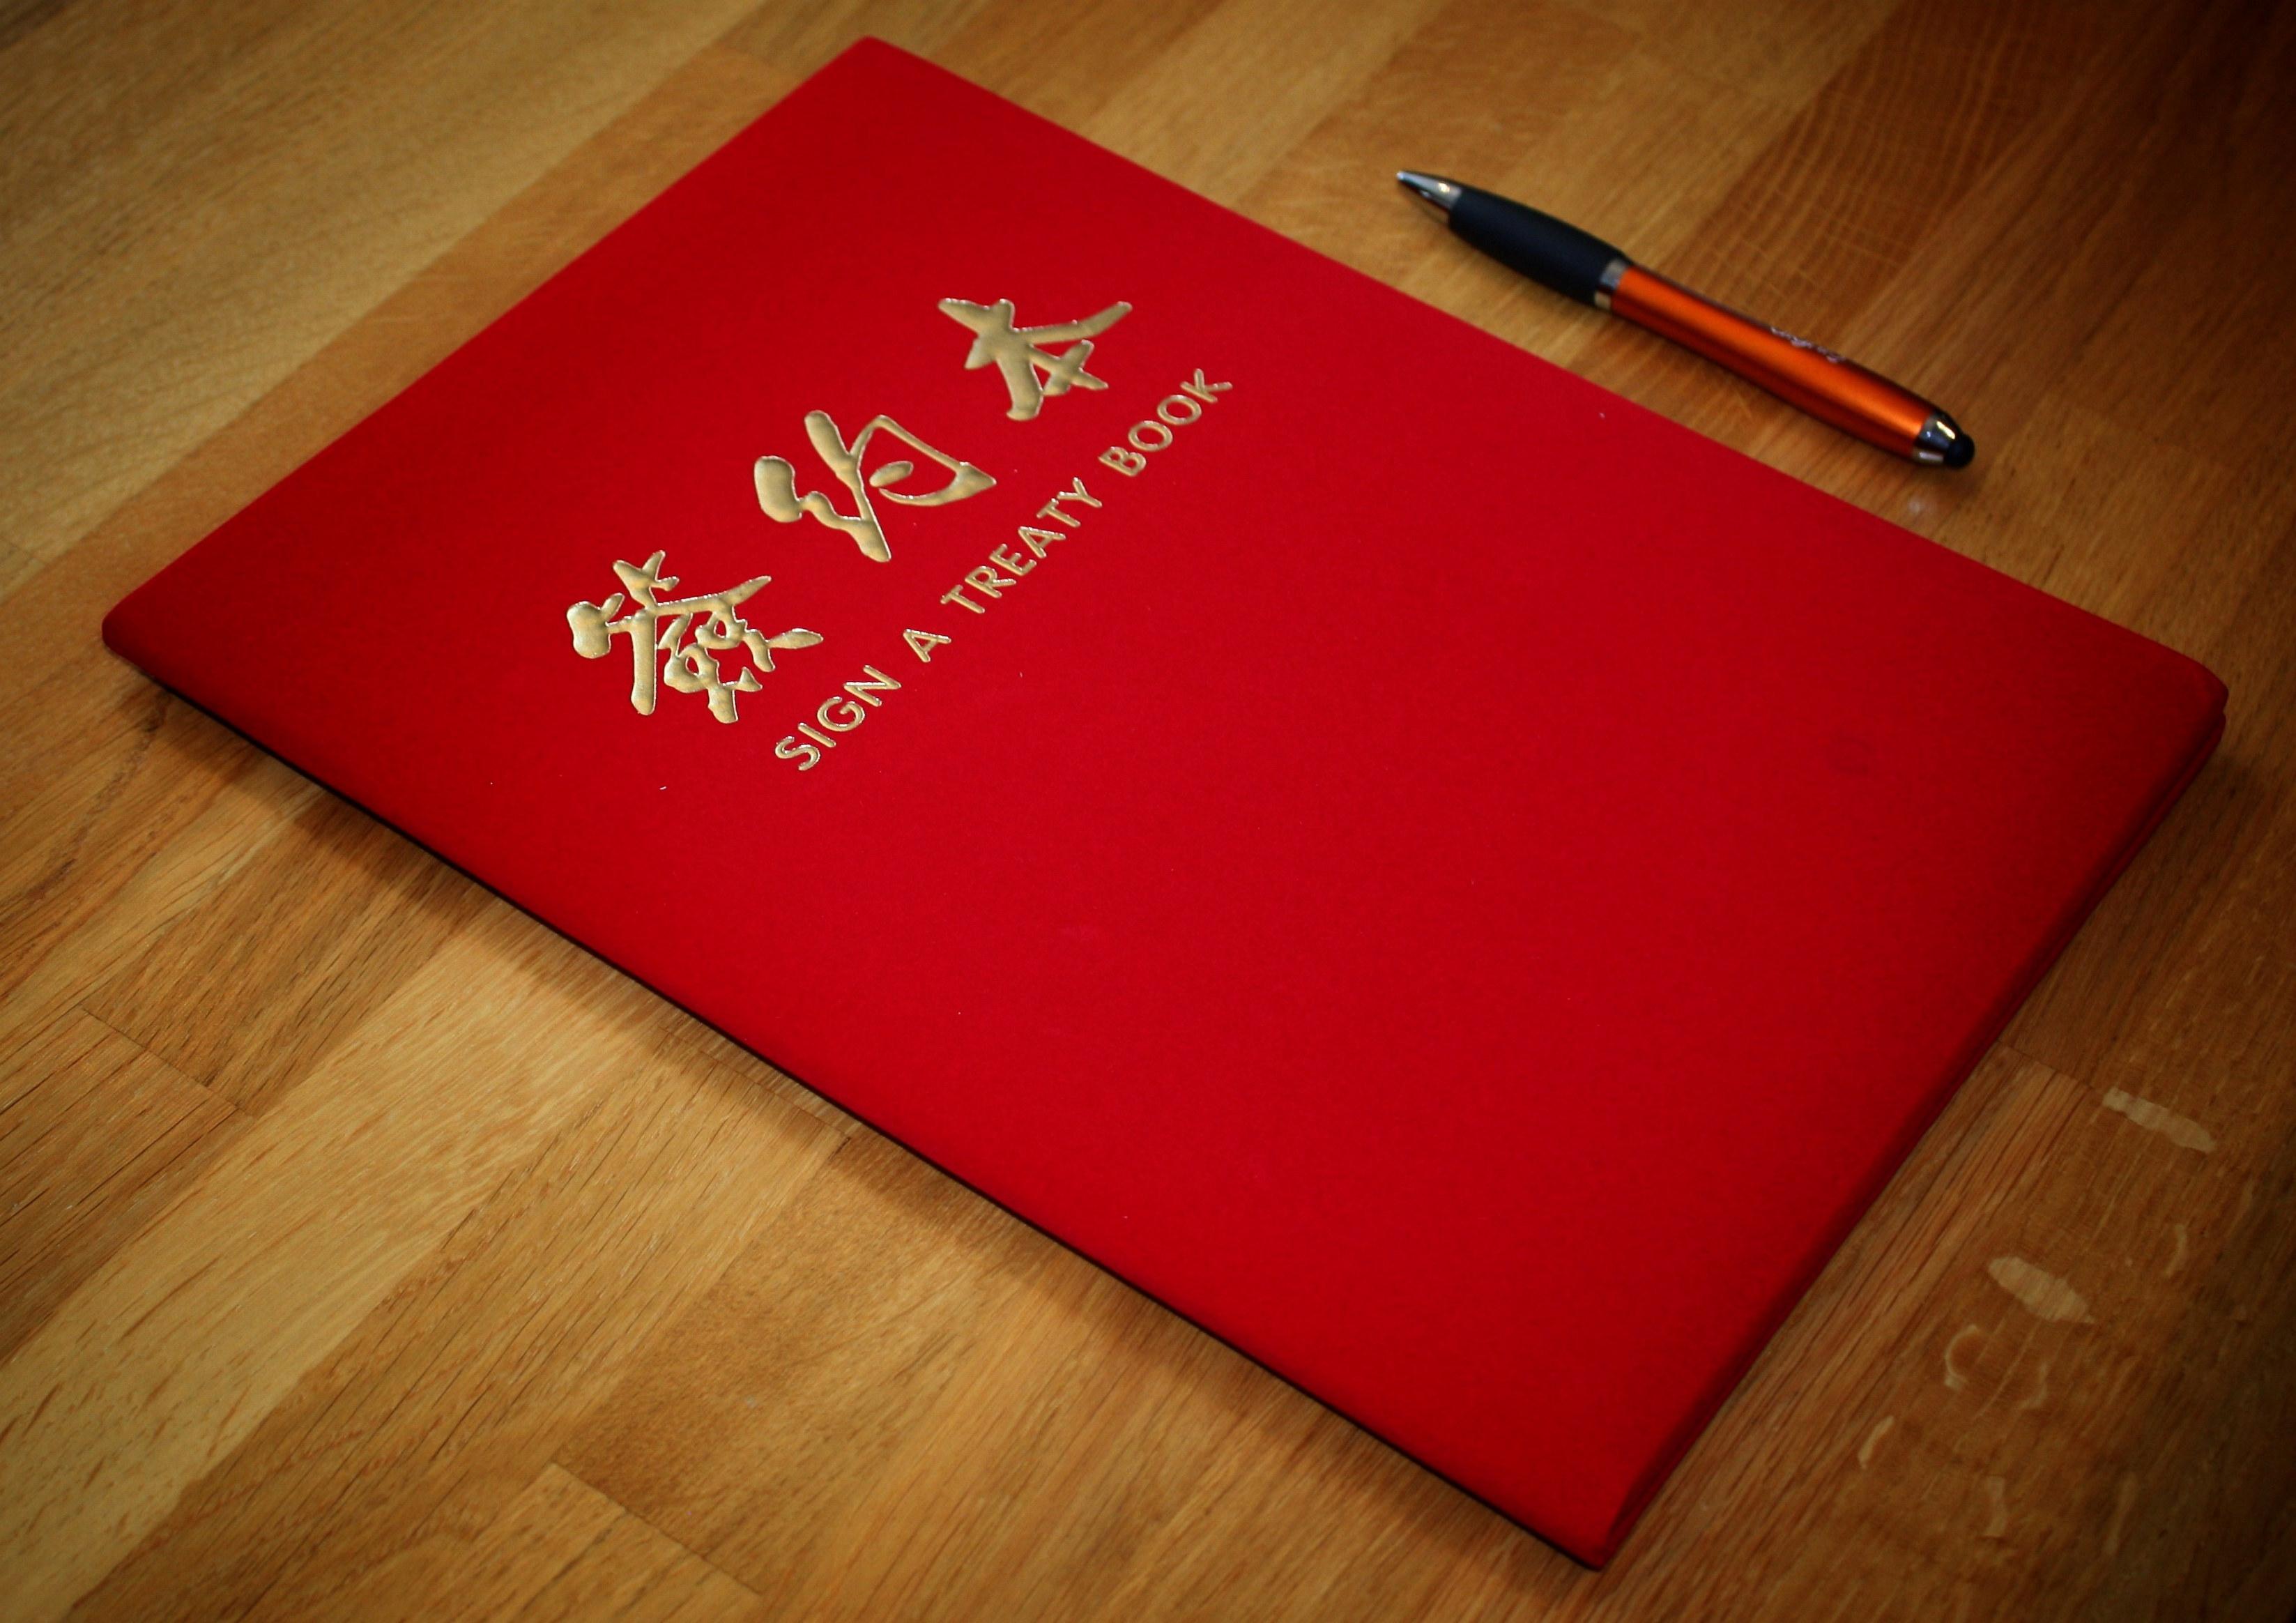 Signeringsbok for avtale mellom det norske helseteknologiselskapet Dignio og sykehuset St. Mount i Shanghai.